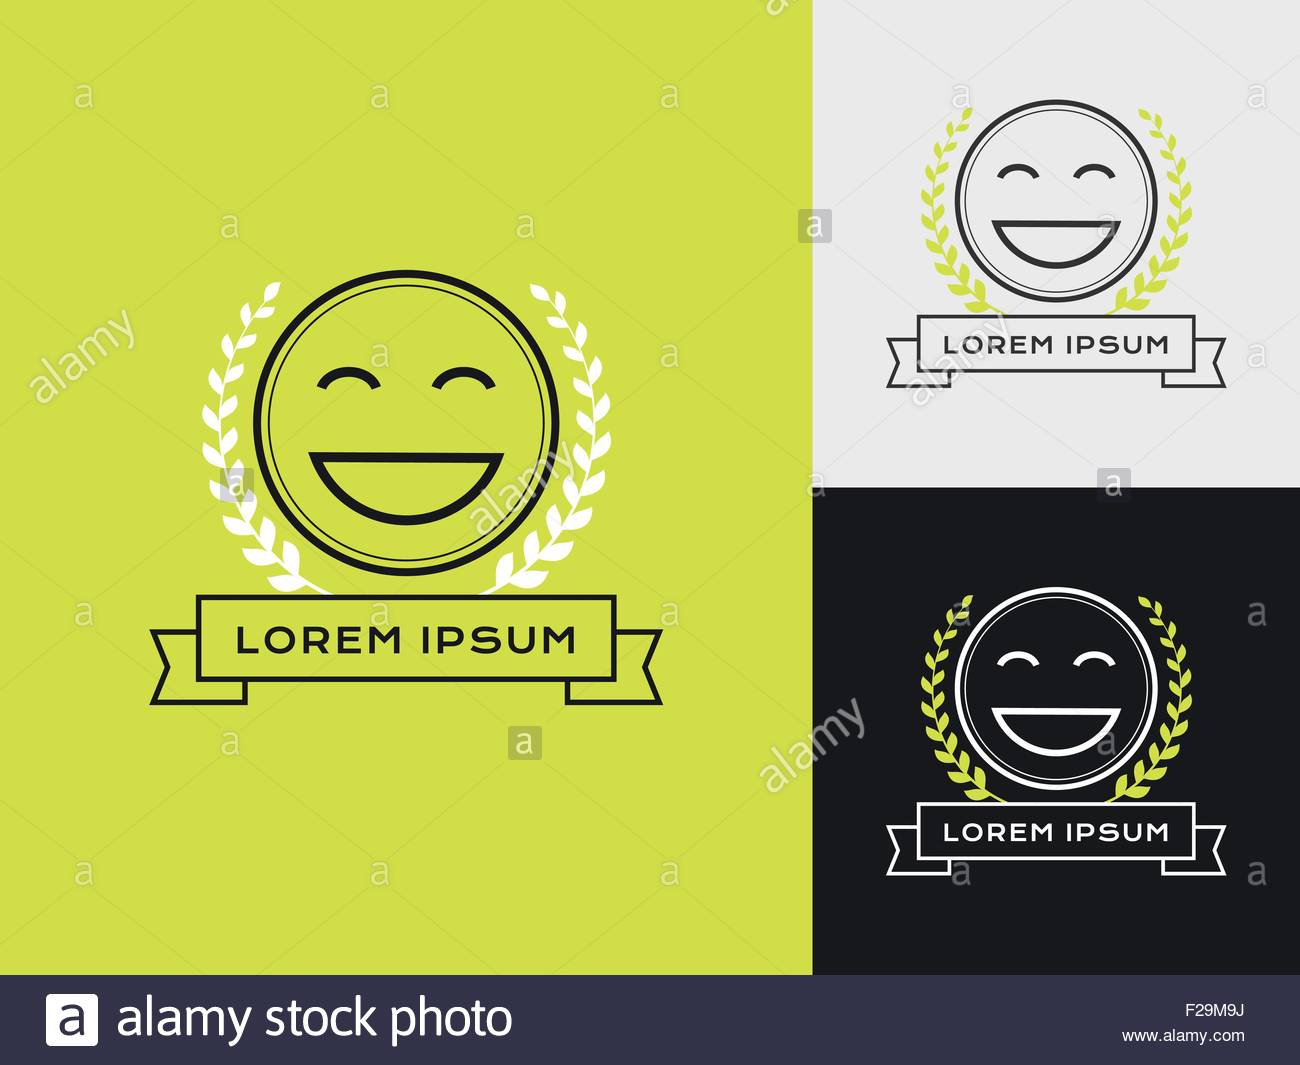 Verkaufsberater, Verkaufstrainer oder Mystery-Shopper-Firmen-Logo. Symbol für die Zufriedenheit der Kunden. Stockbild